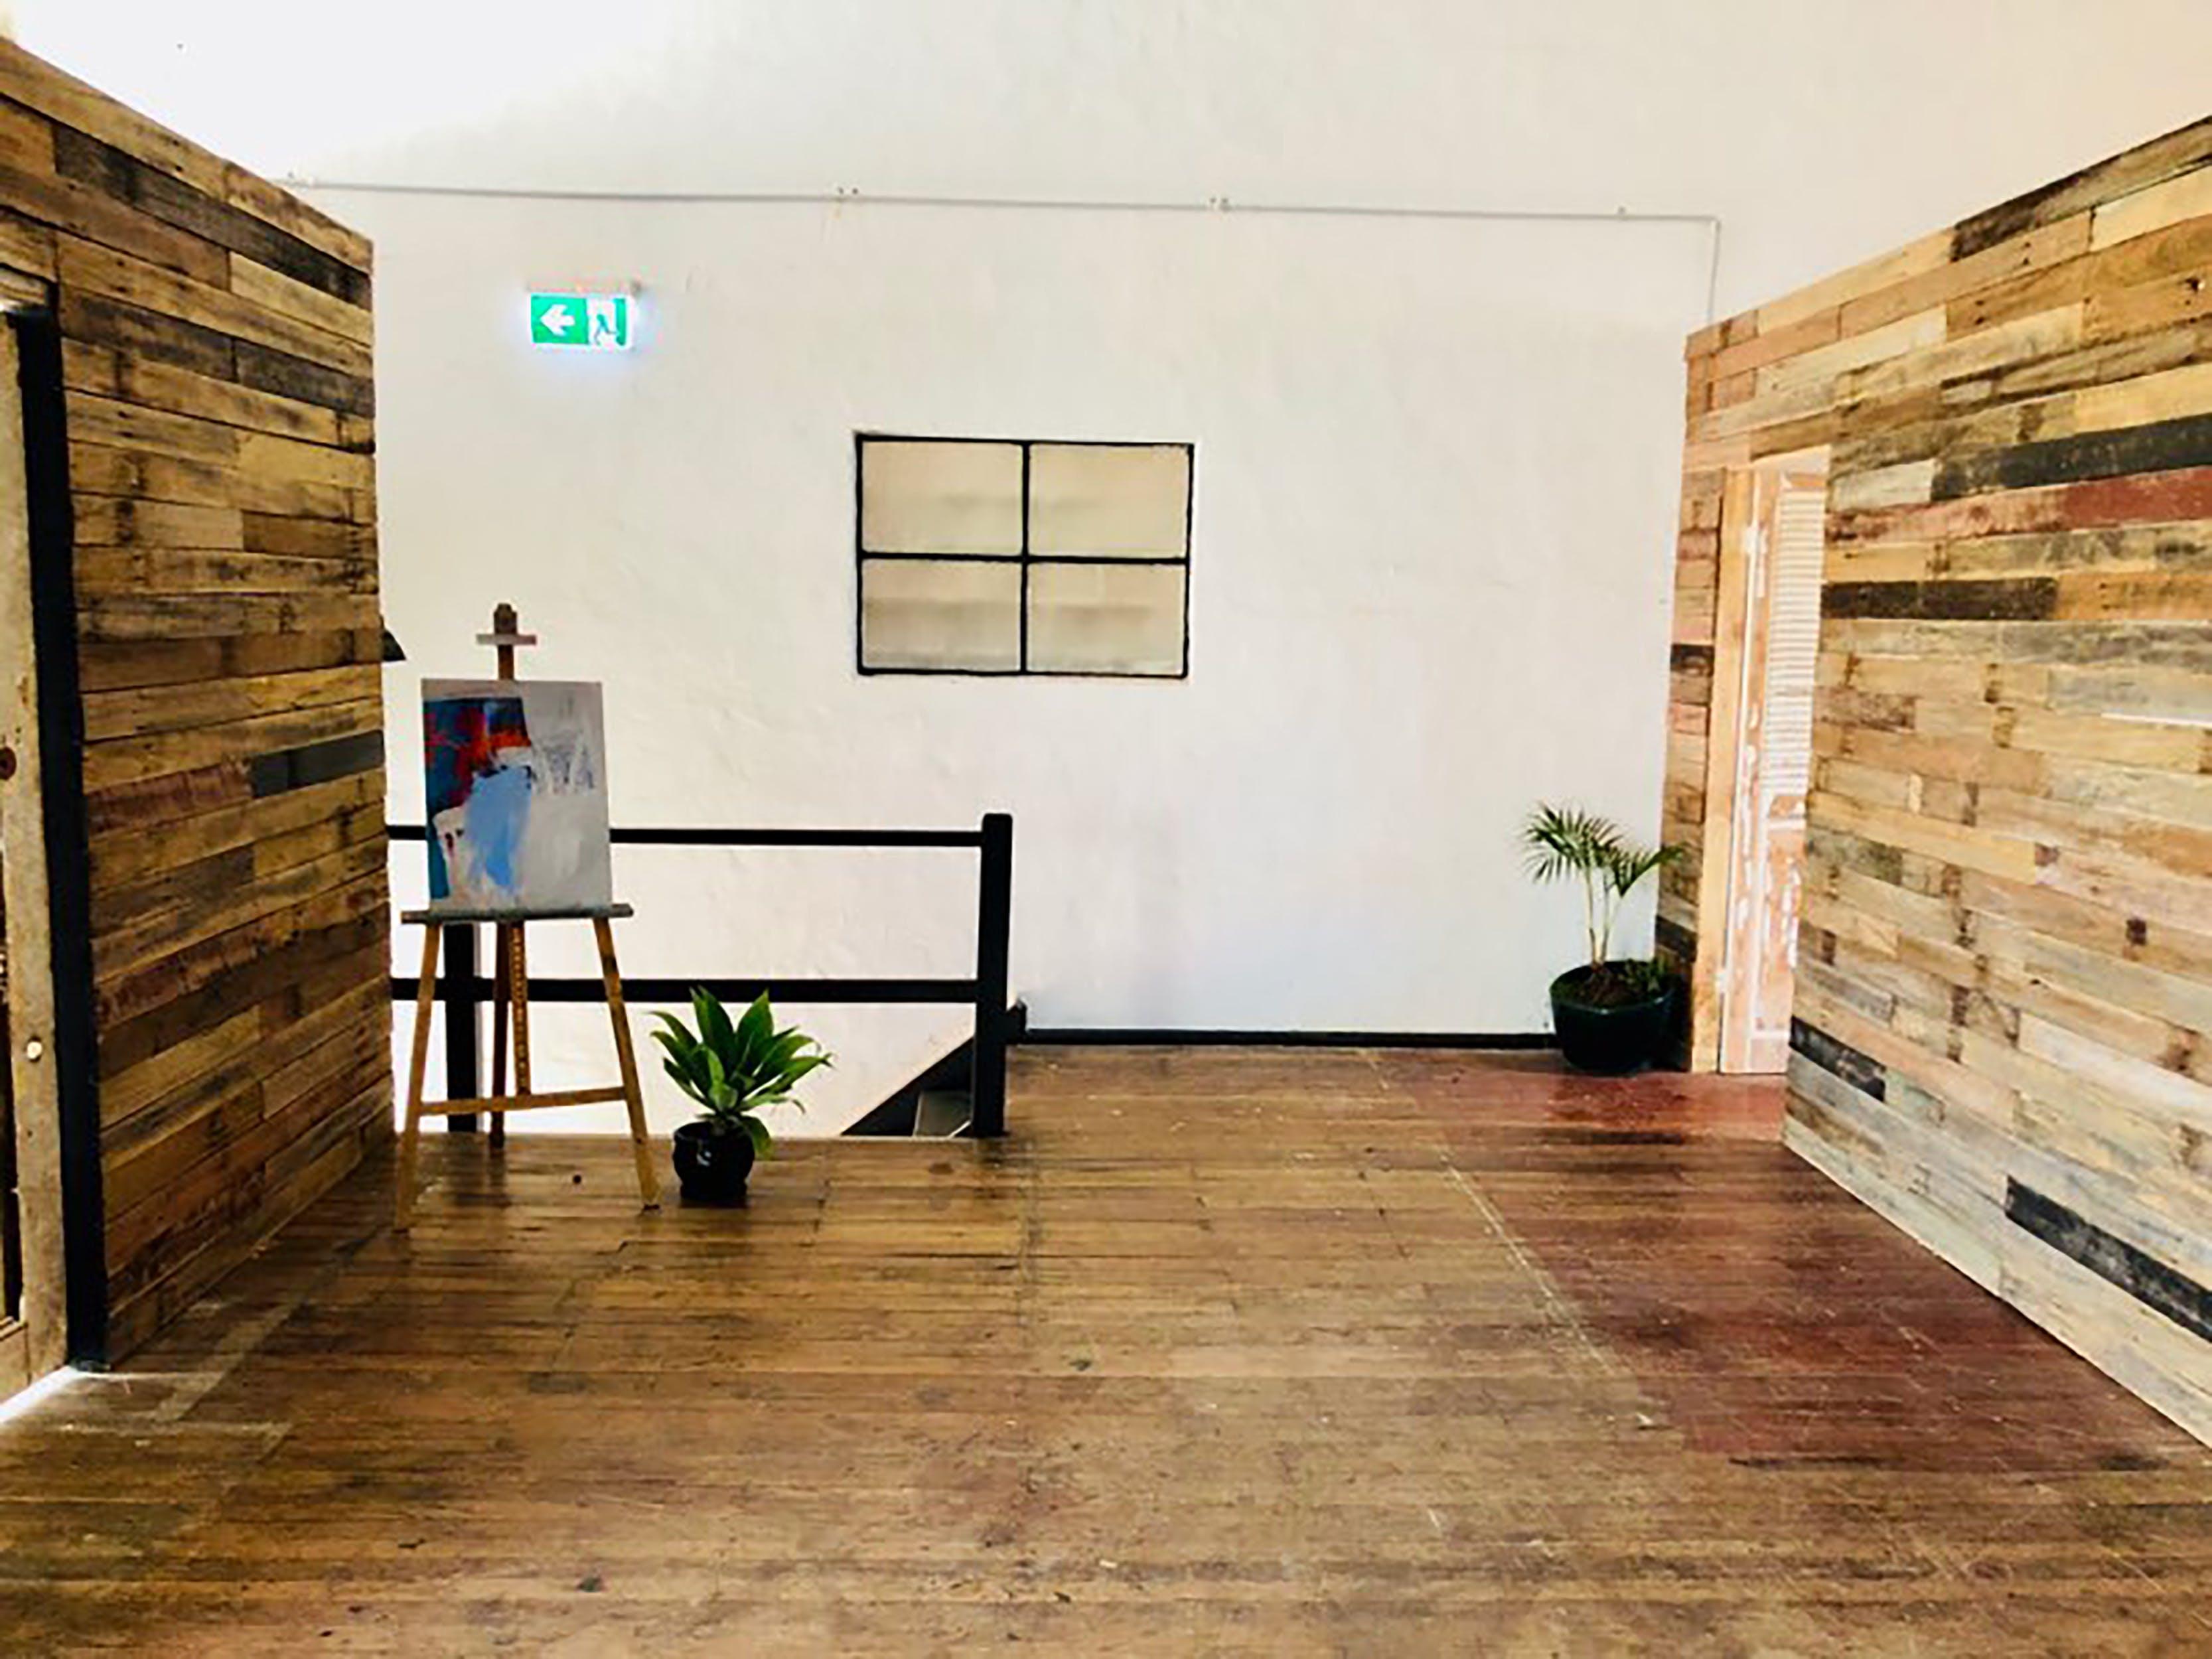 Boutique Creative Studio, creative studio at XV, image 1